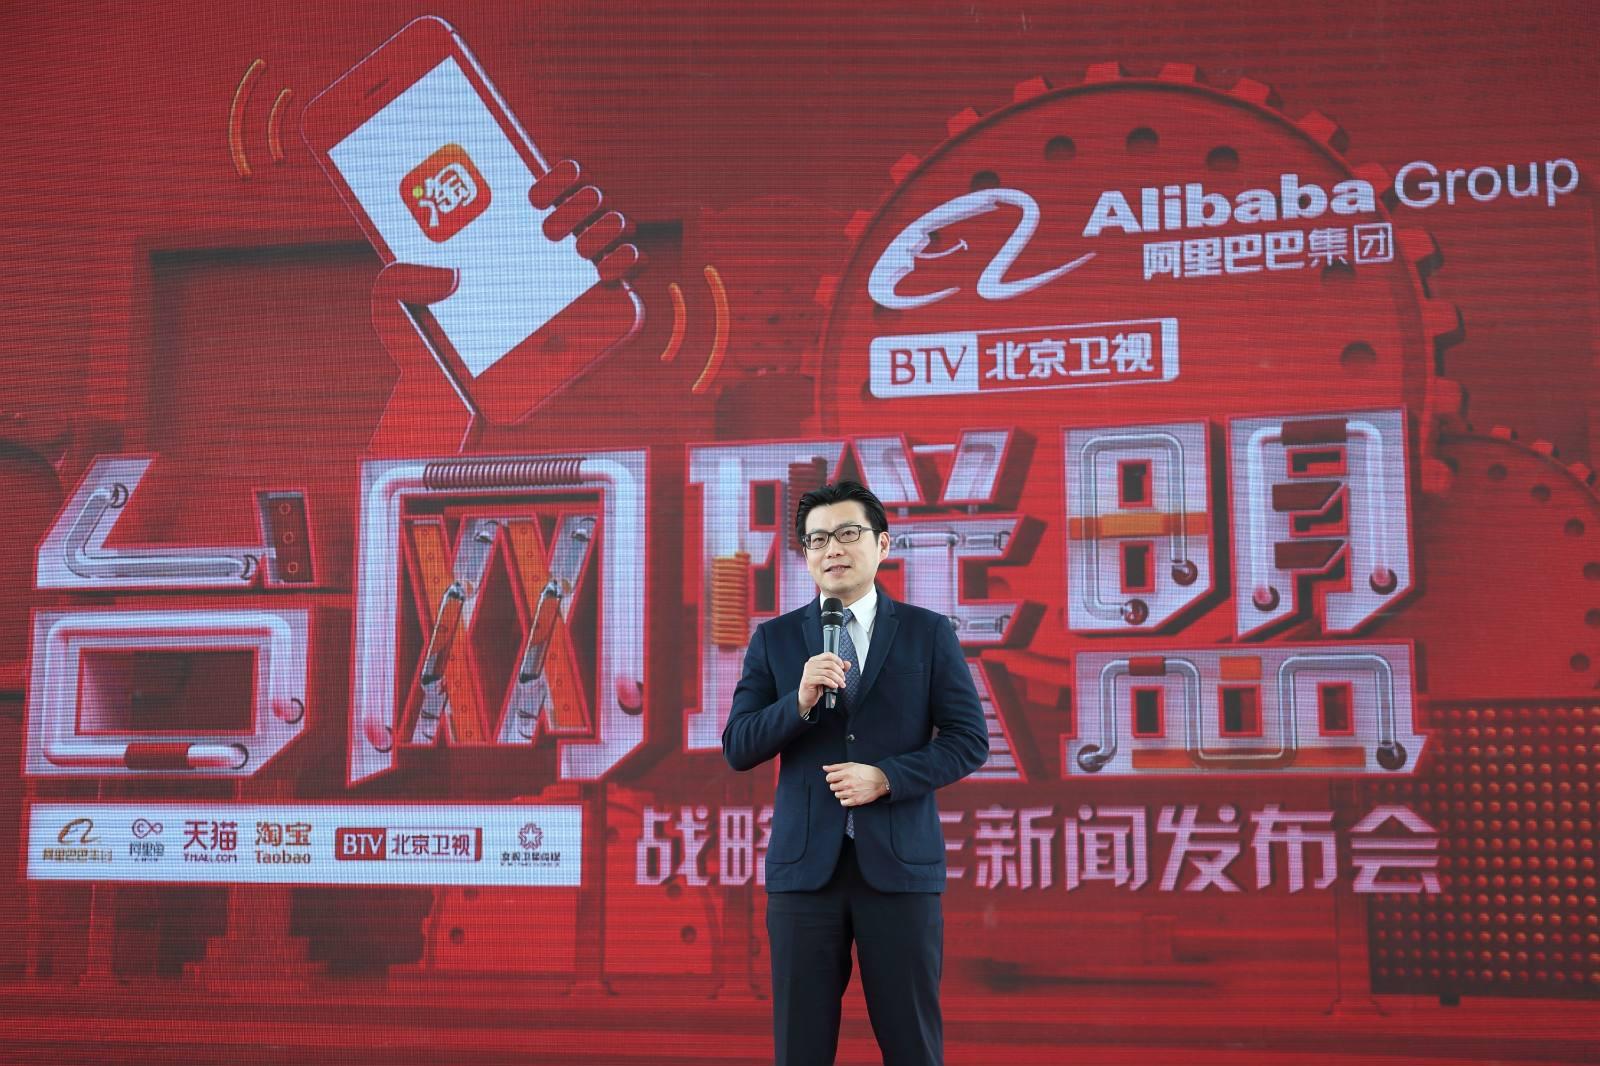 2019年4月23日電視台收視率排行榜,湖南衛視收視率第一北京衛視第三